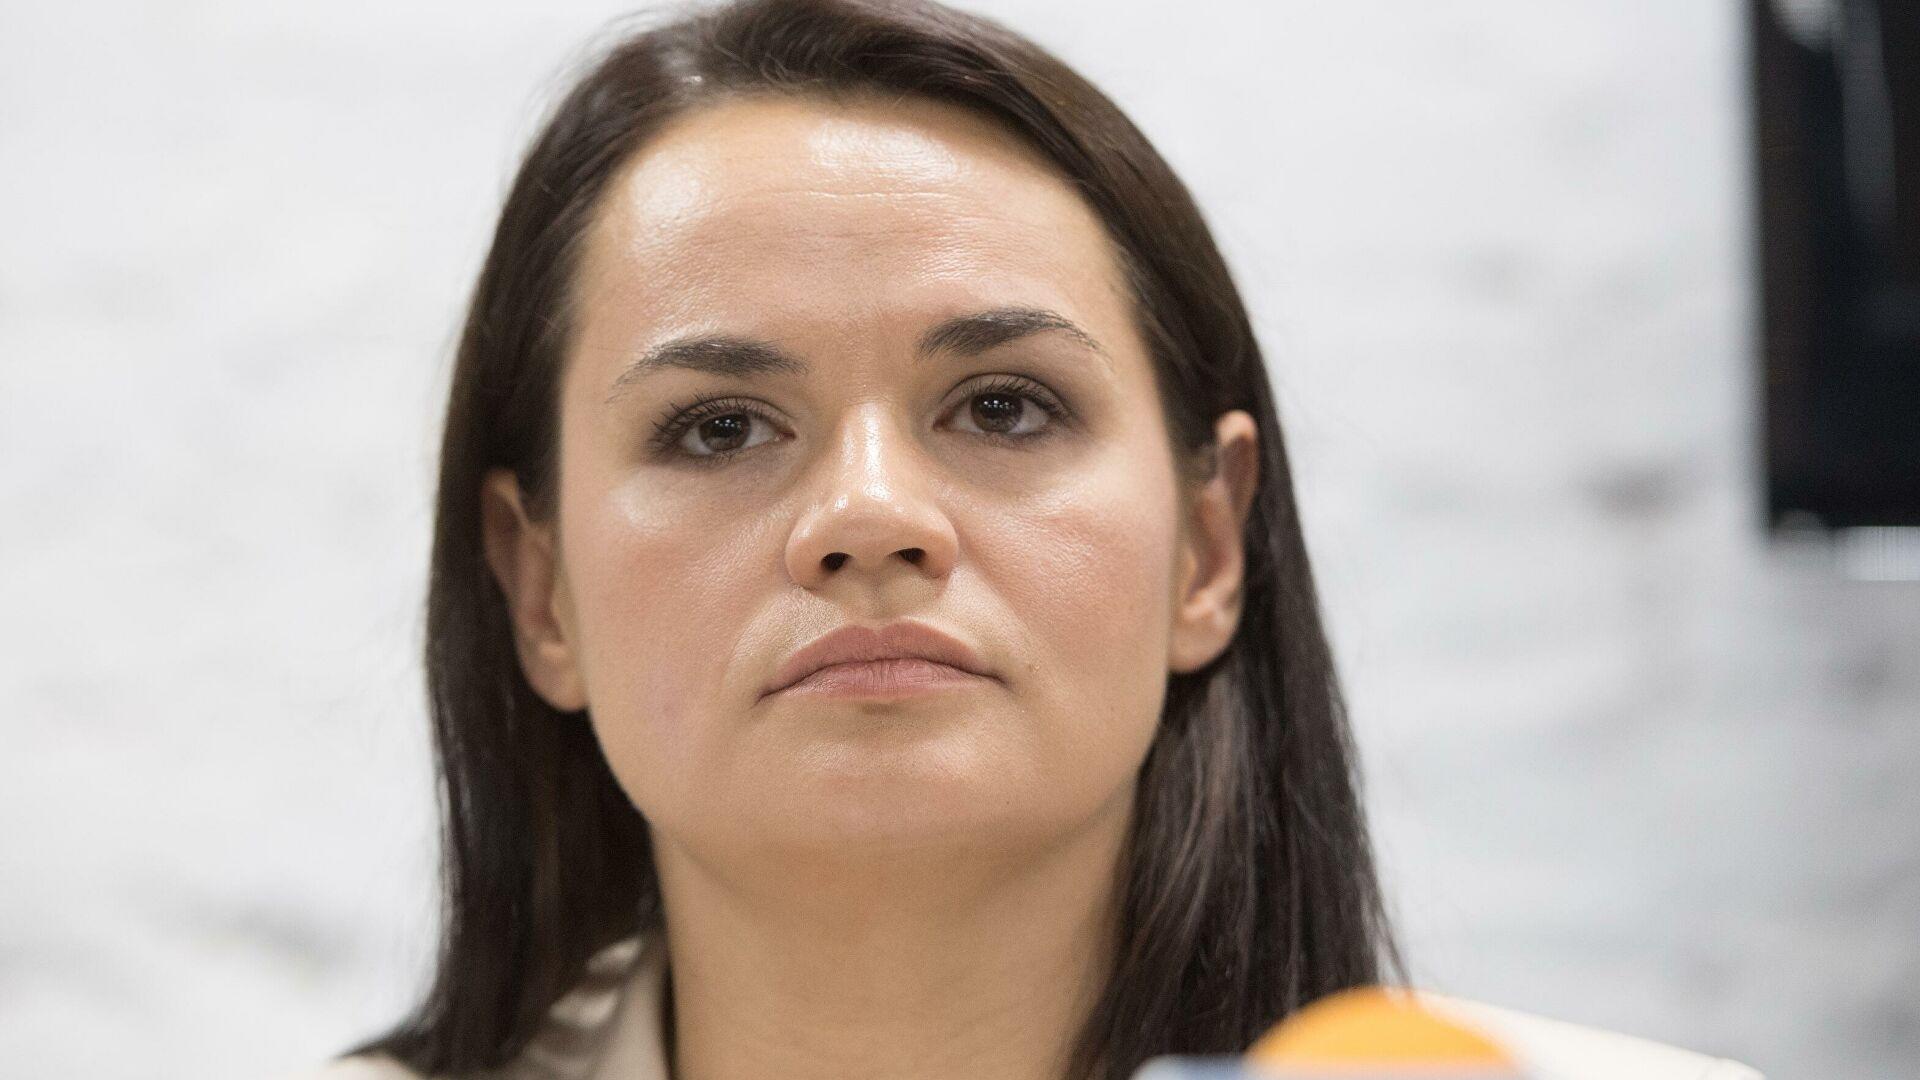 Тихановская заявила, что белорусская оппозиция не контролируется из Европы и России 1